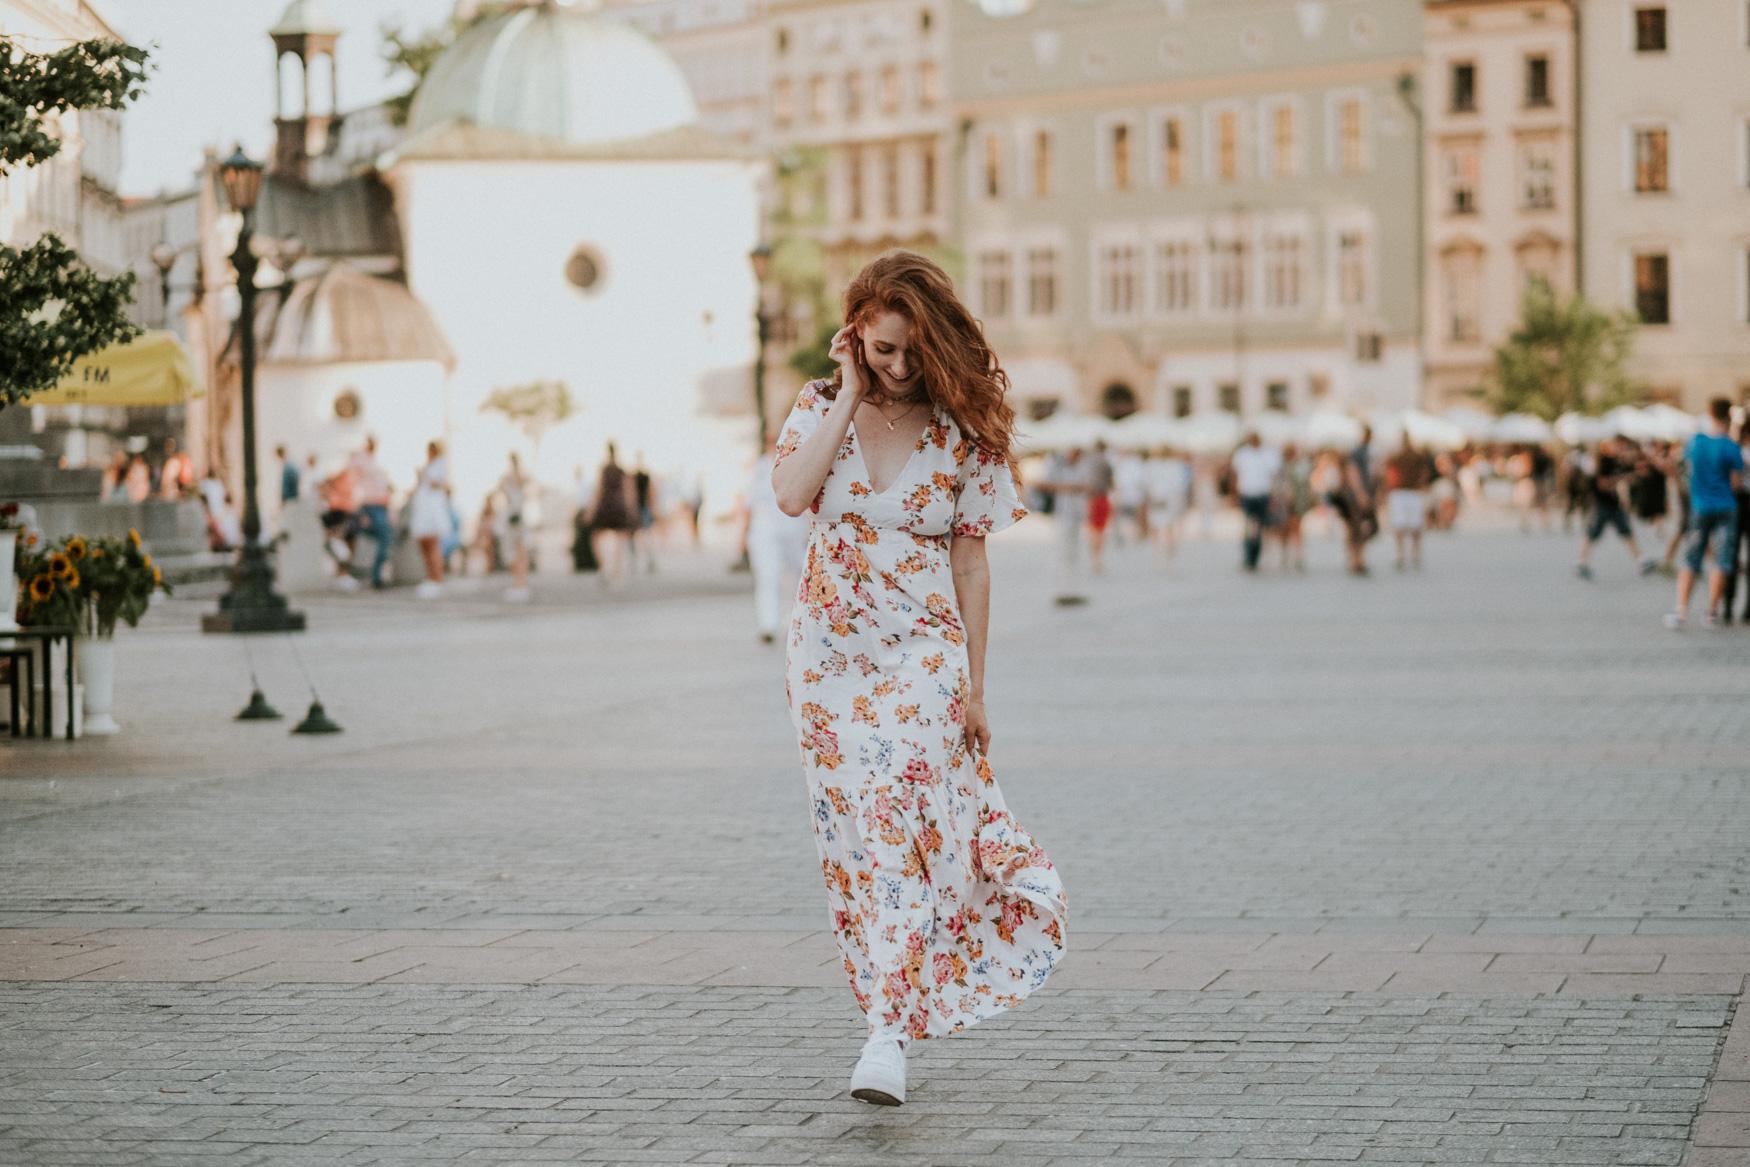 Sesja portretowa Marlena i Kraków